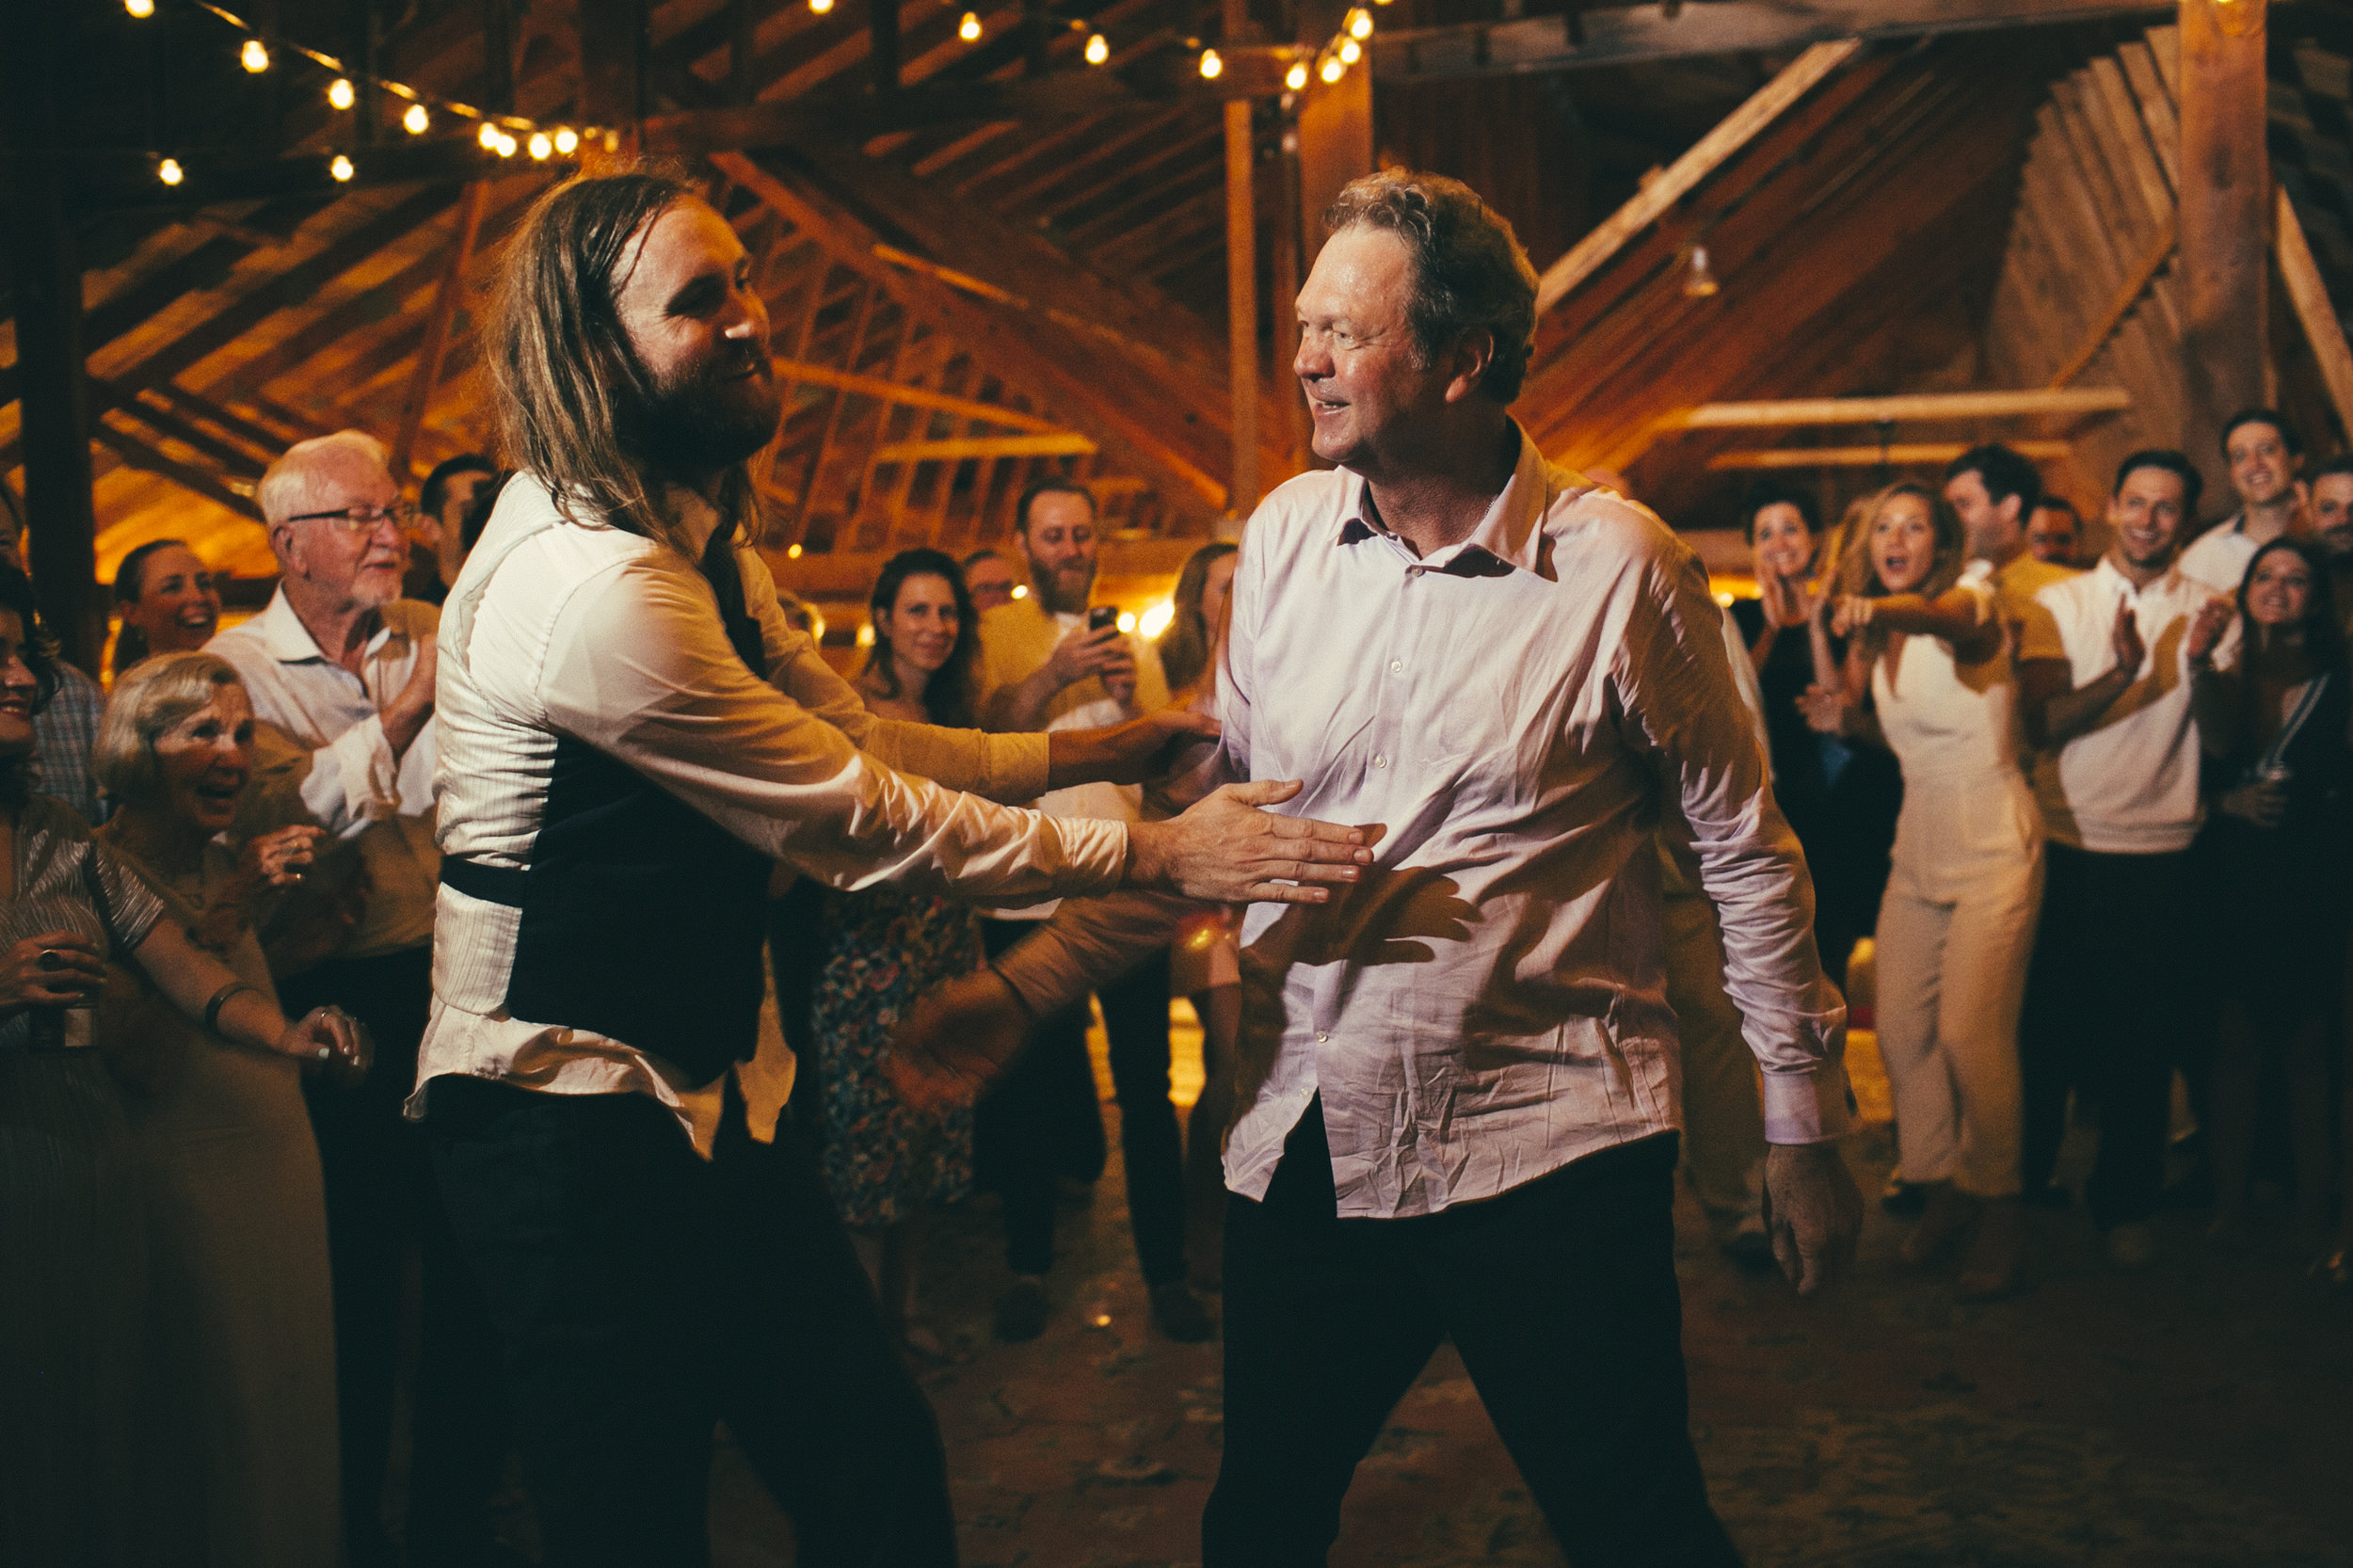 Em_and_Ax_00_wedding-915.jpg